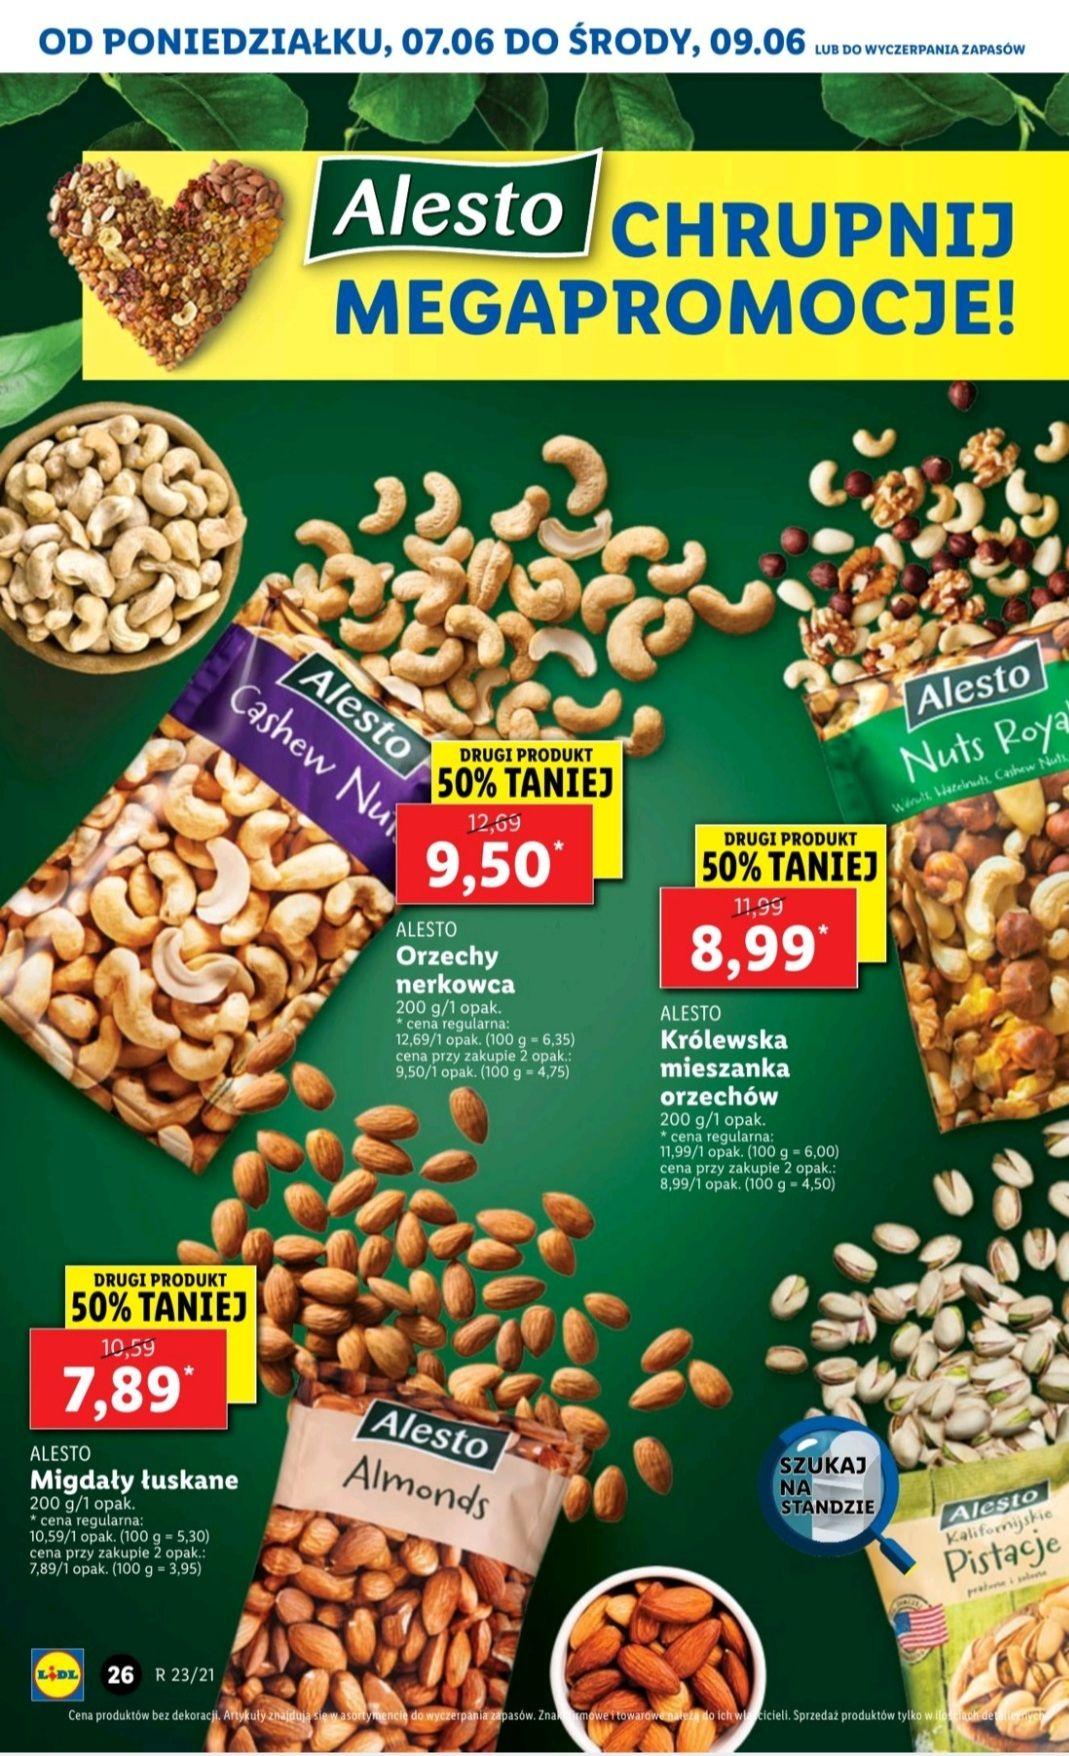 Alesto orzechy, pistacje, migdały, mix orzechów • drugi produkt -50% taniej •Lidl